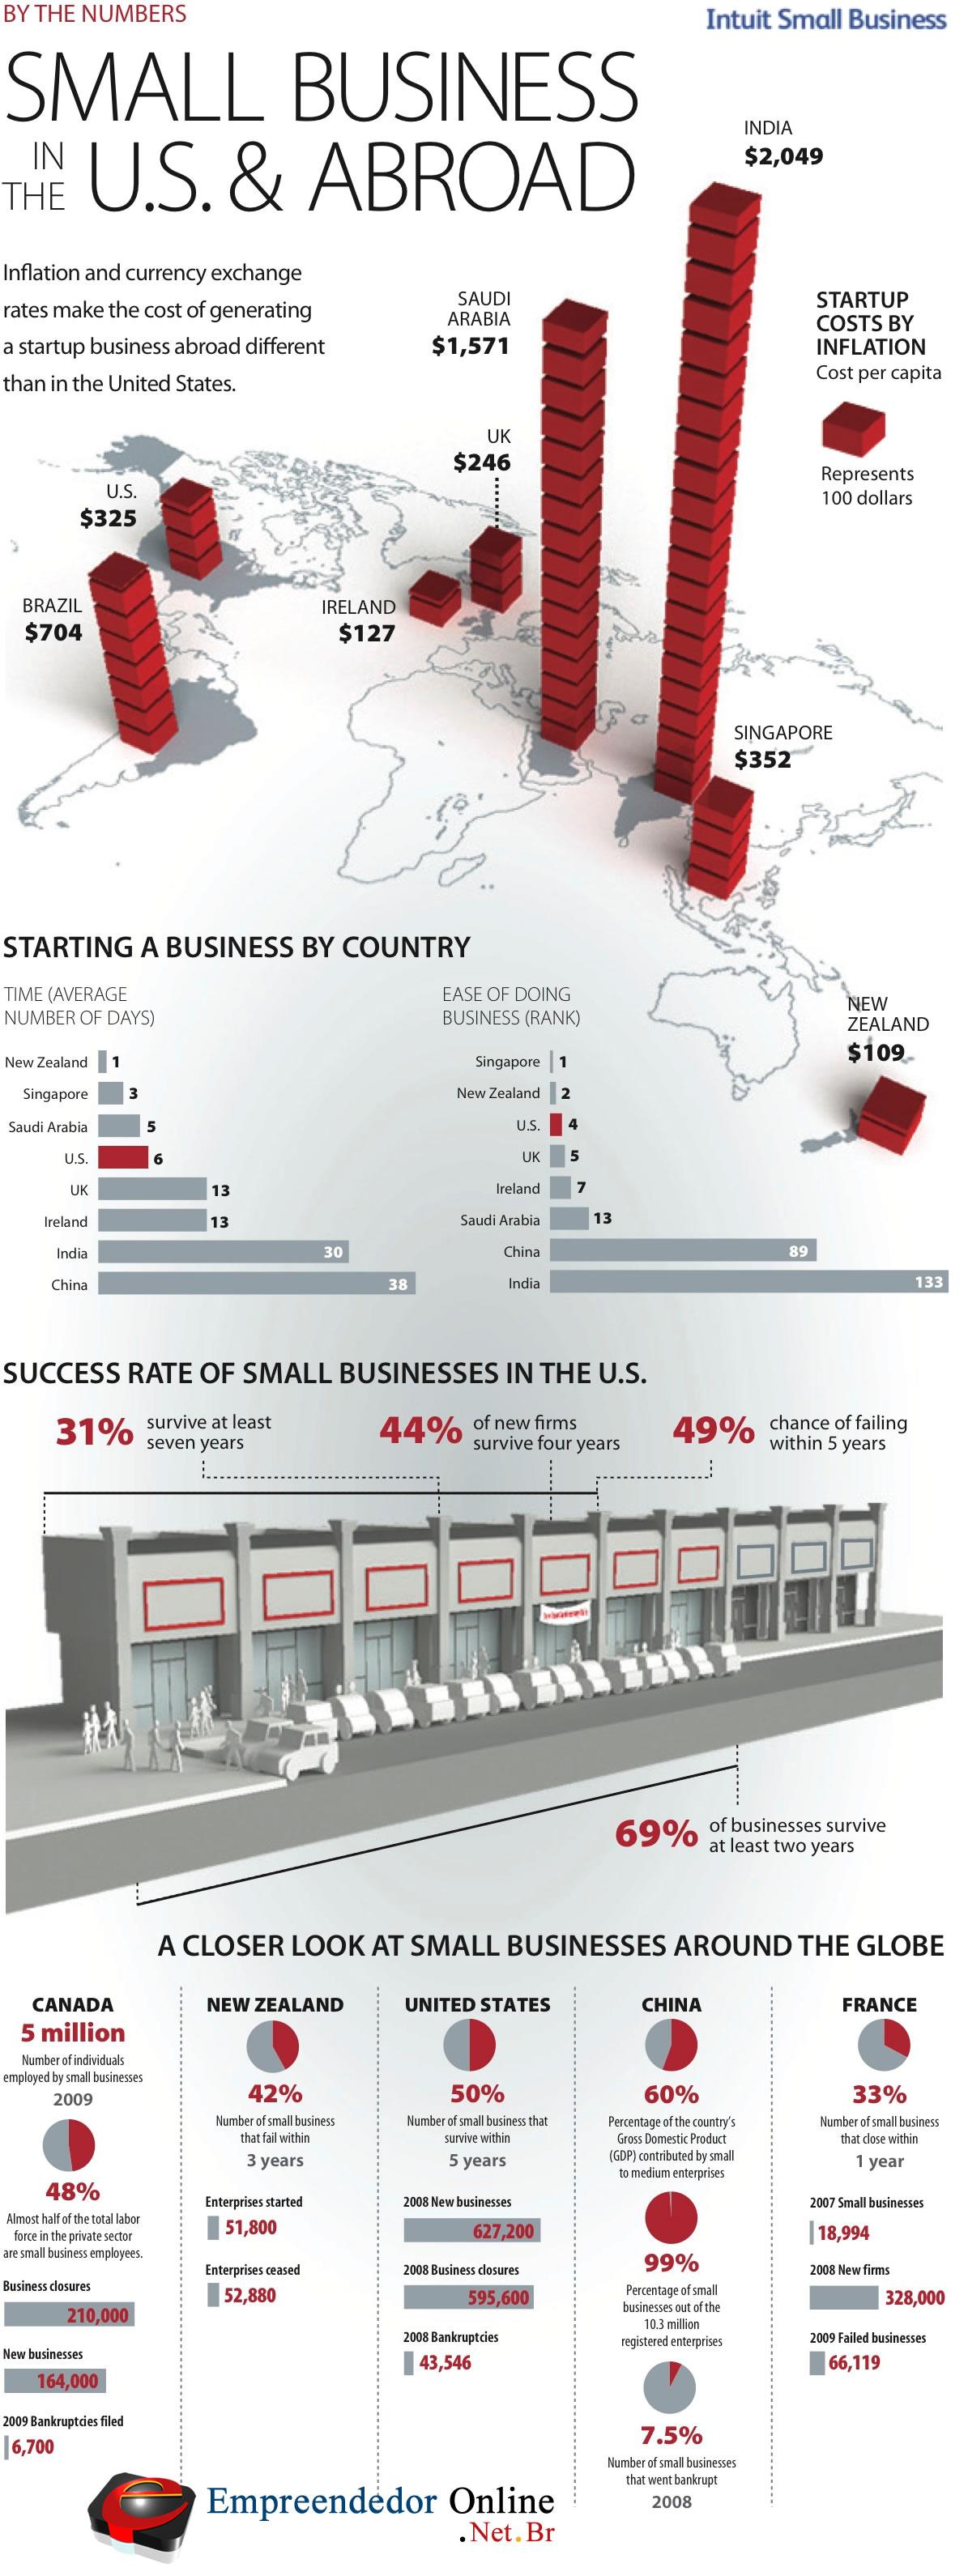 Veja neste infográfico sobre empreendedorismo no mundo um panorâma sobre o universo do empreendedor em diversos países